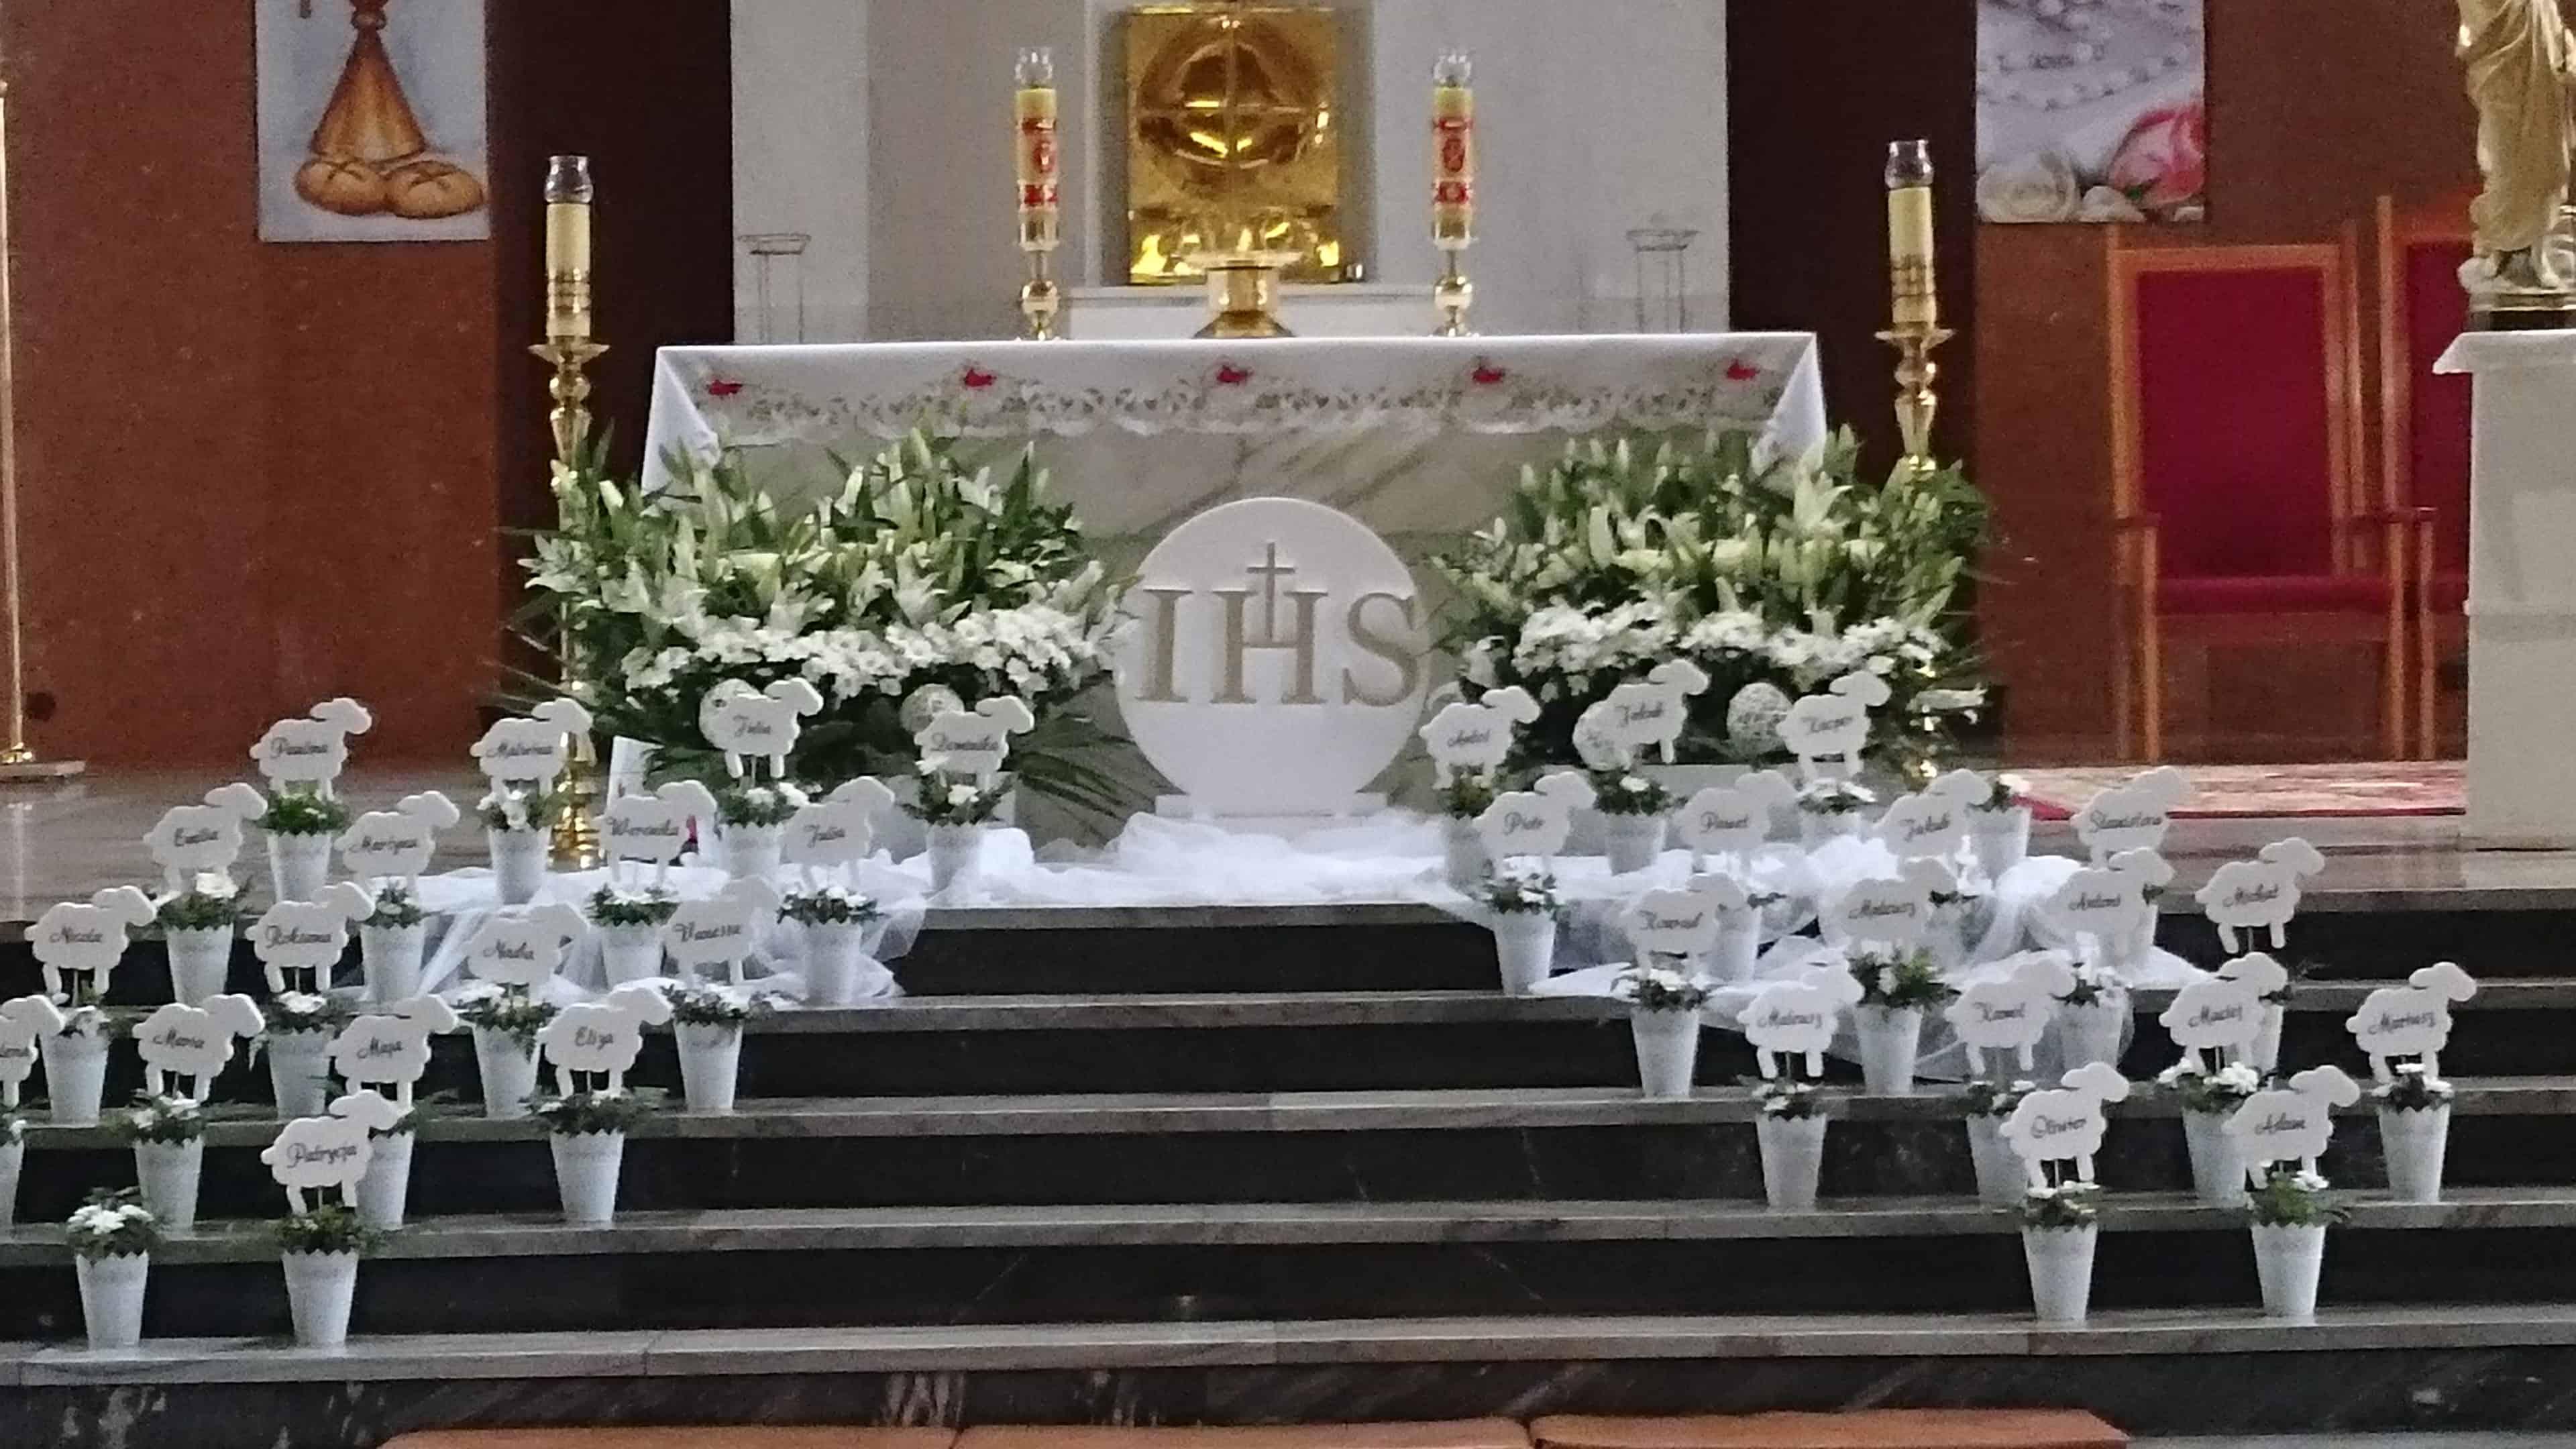 ef8e87d6c7 Przykładowa dekoracja komunijna kościoła wykonana przez firmę Floraj  Justyny Muszyńskiej